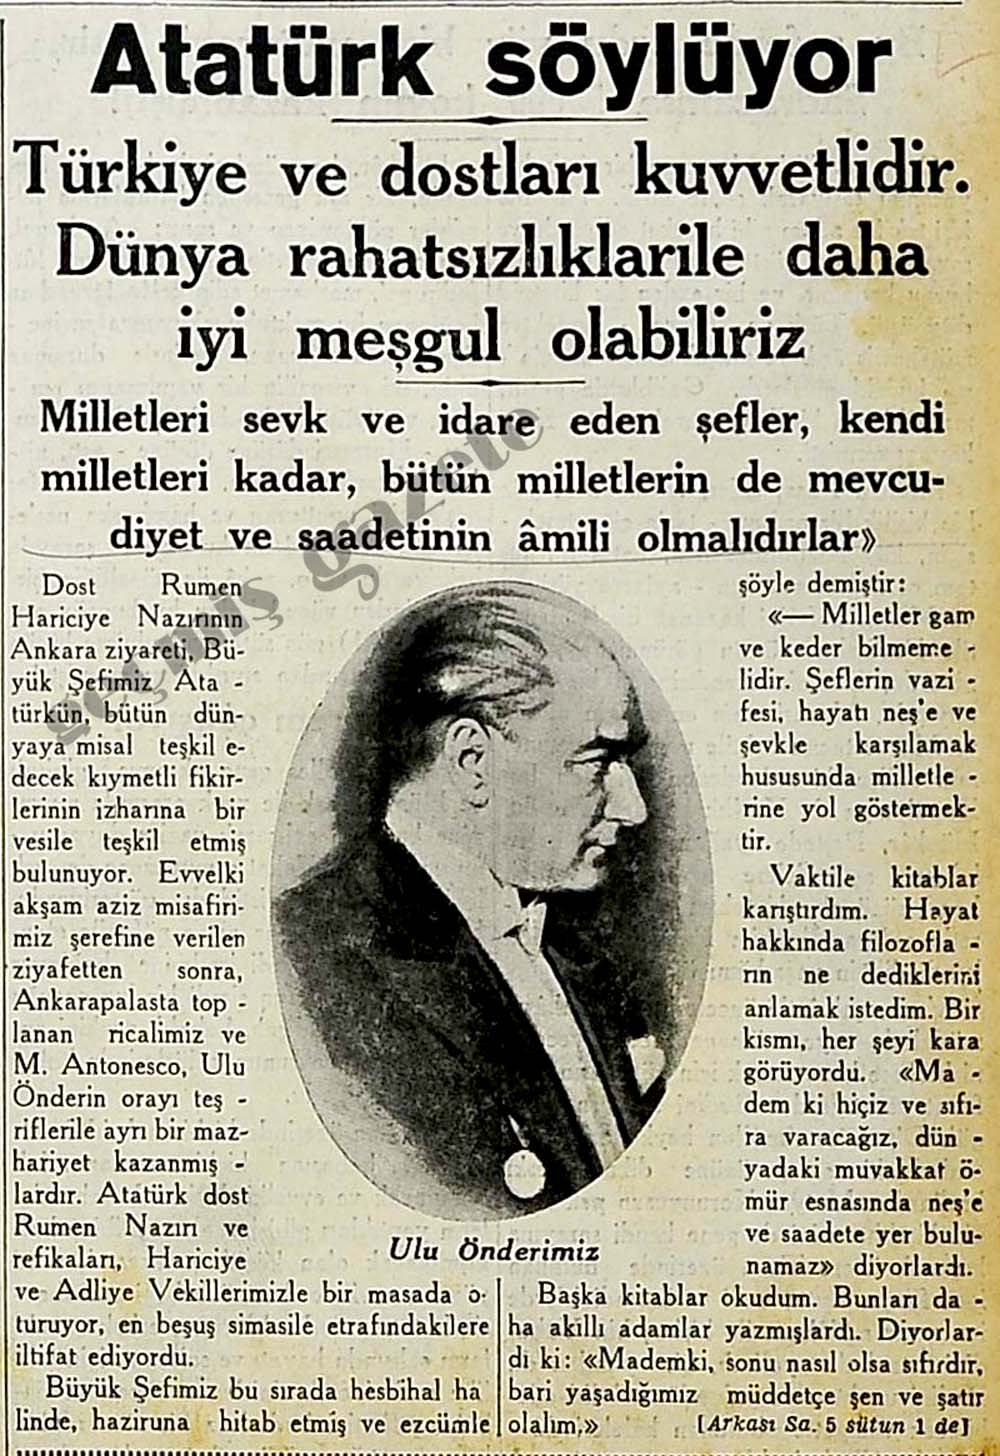 Atatürk söylüyor